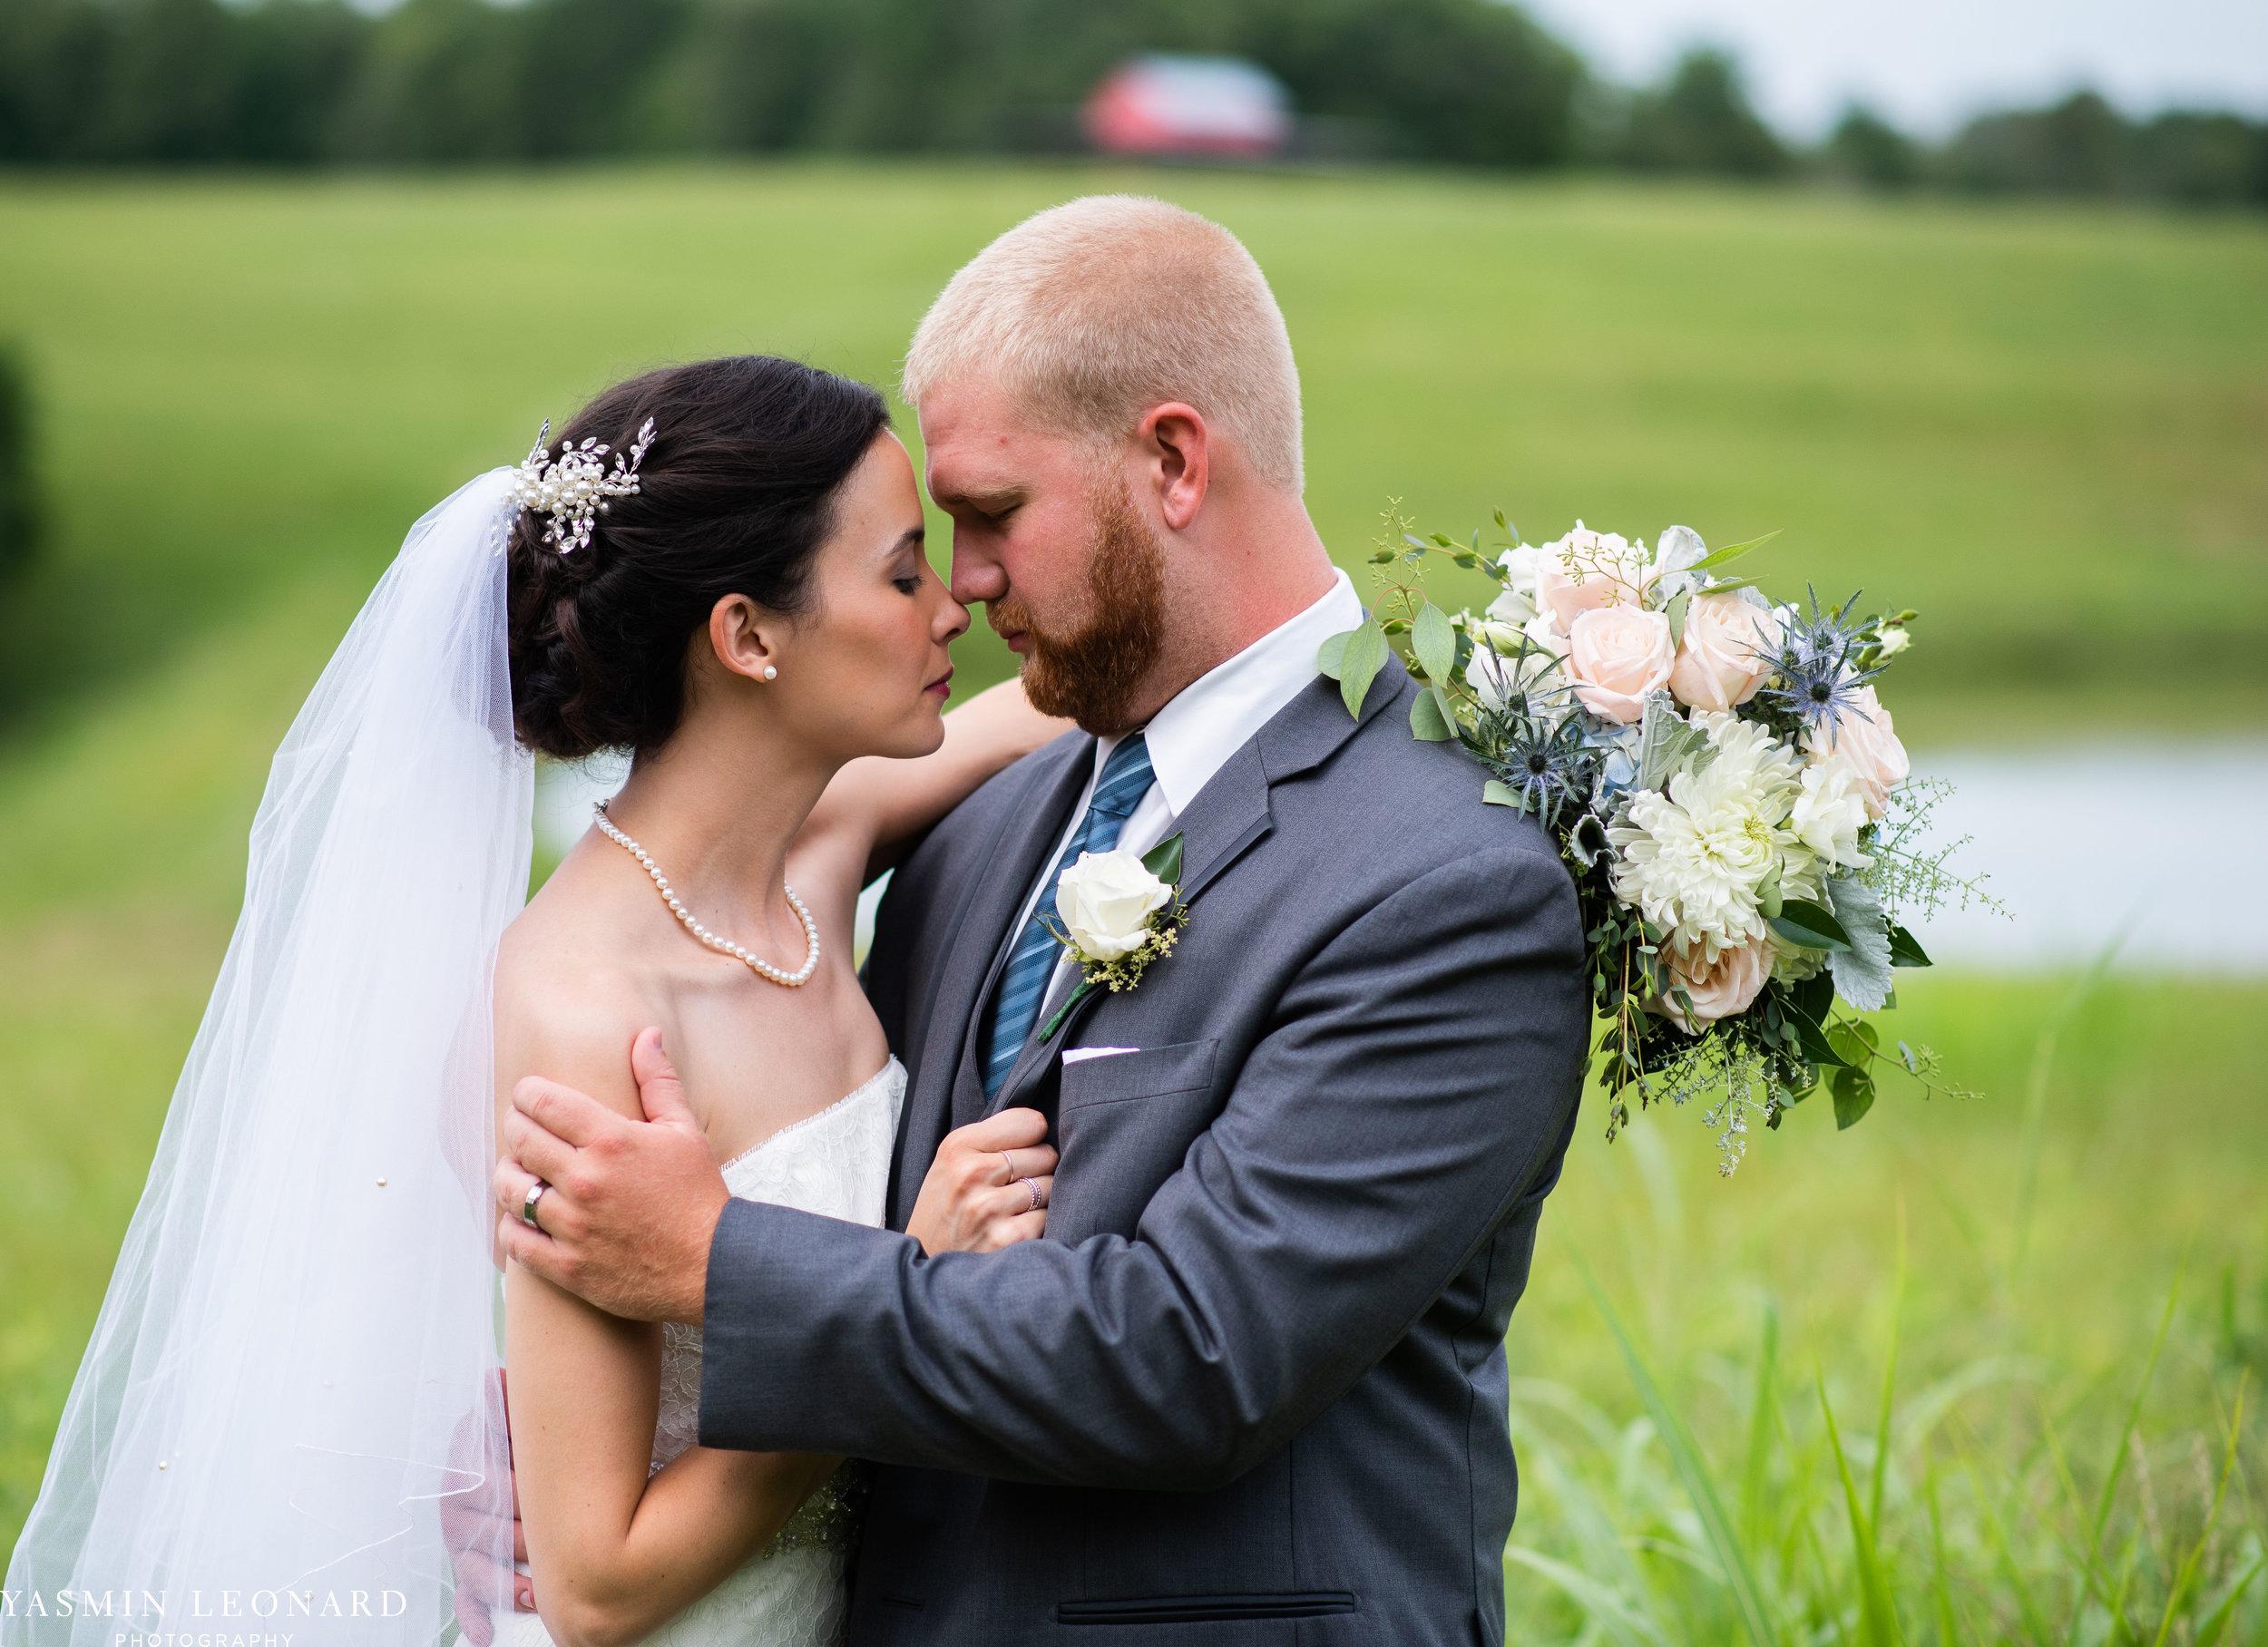 Mt. Pleasant Church - Church Wedding - Traditional Wedding - Church Ceremony - Country Wedding - Godly Wedding - NC Wedding Photographer - High Point Weddings - Triad Weddings - NC Venues-37.jpg